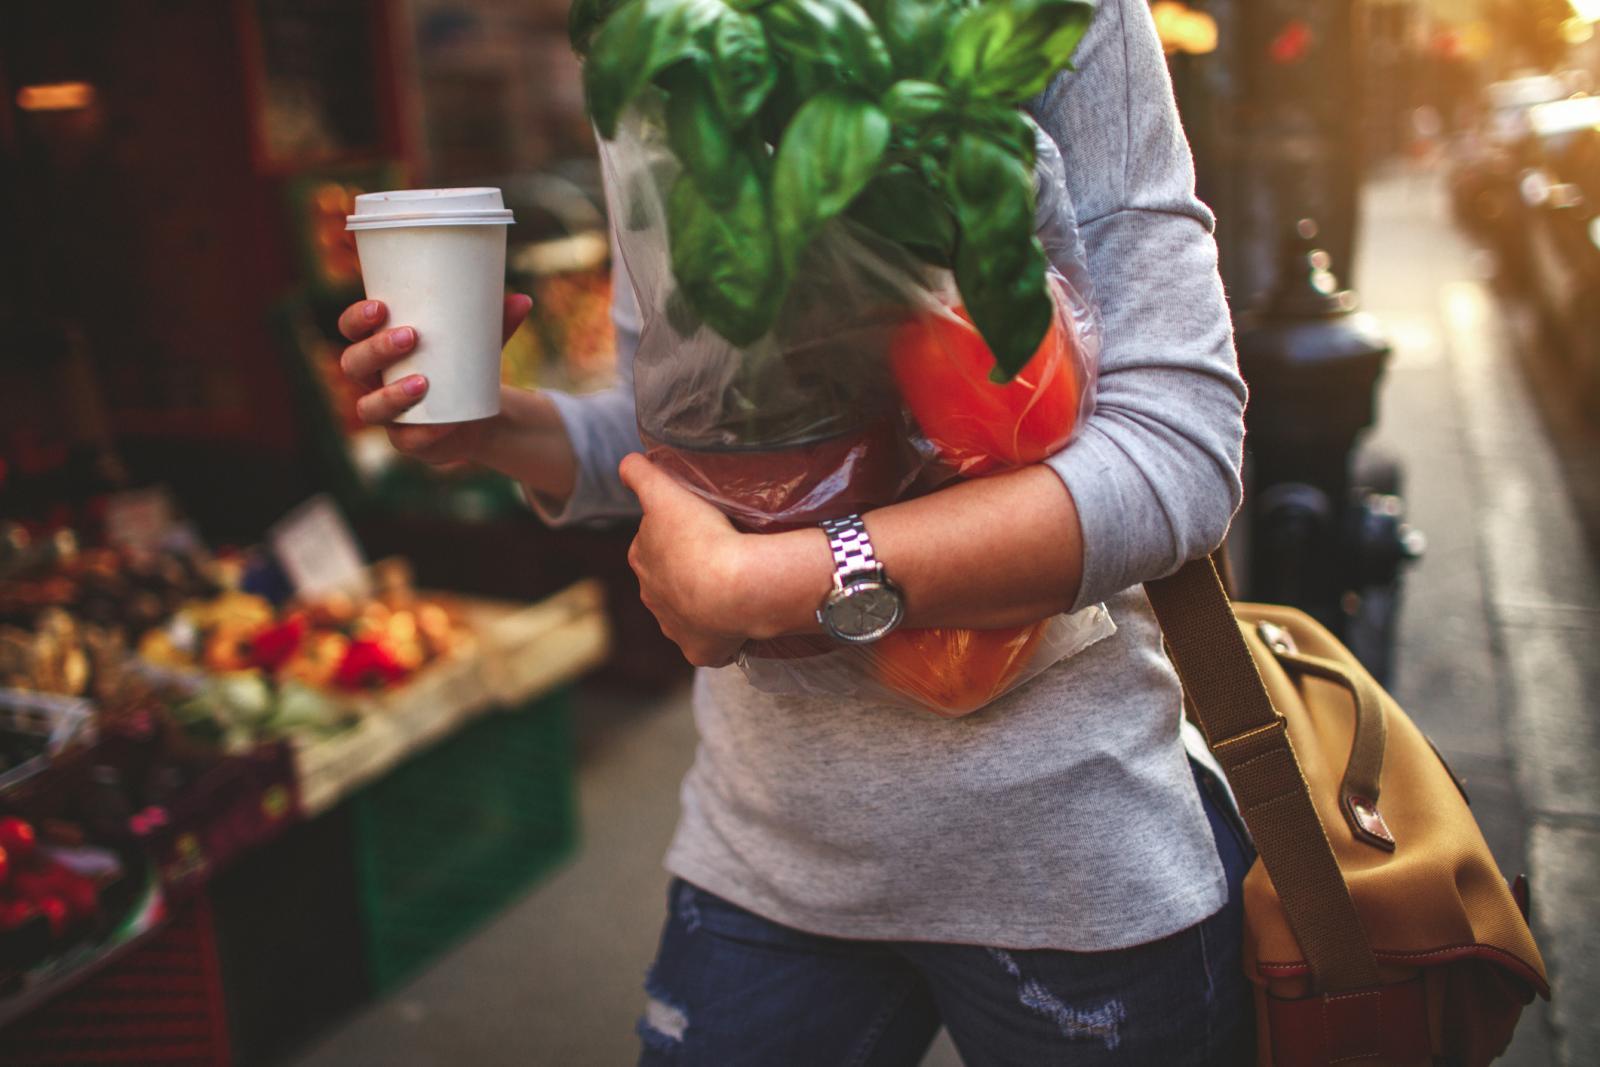 Mnoge analize utvrdile su da eko hrana sadrži znatno više vitamina, bjelančevina, ugljikohidrata, kalija, kalcija, željeza, enzima i ostalih nutrijenata.